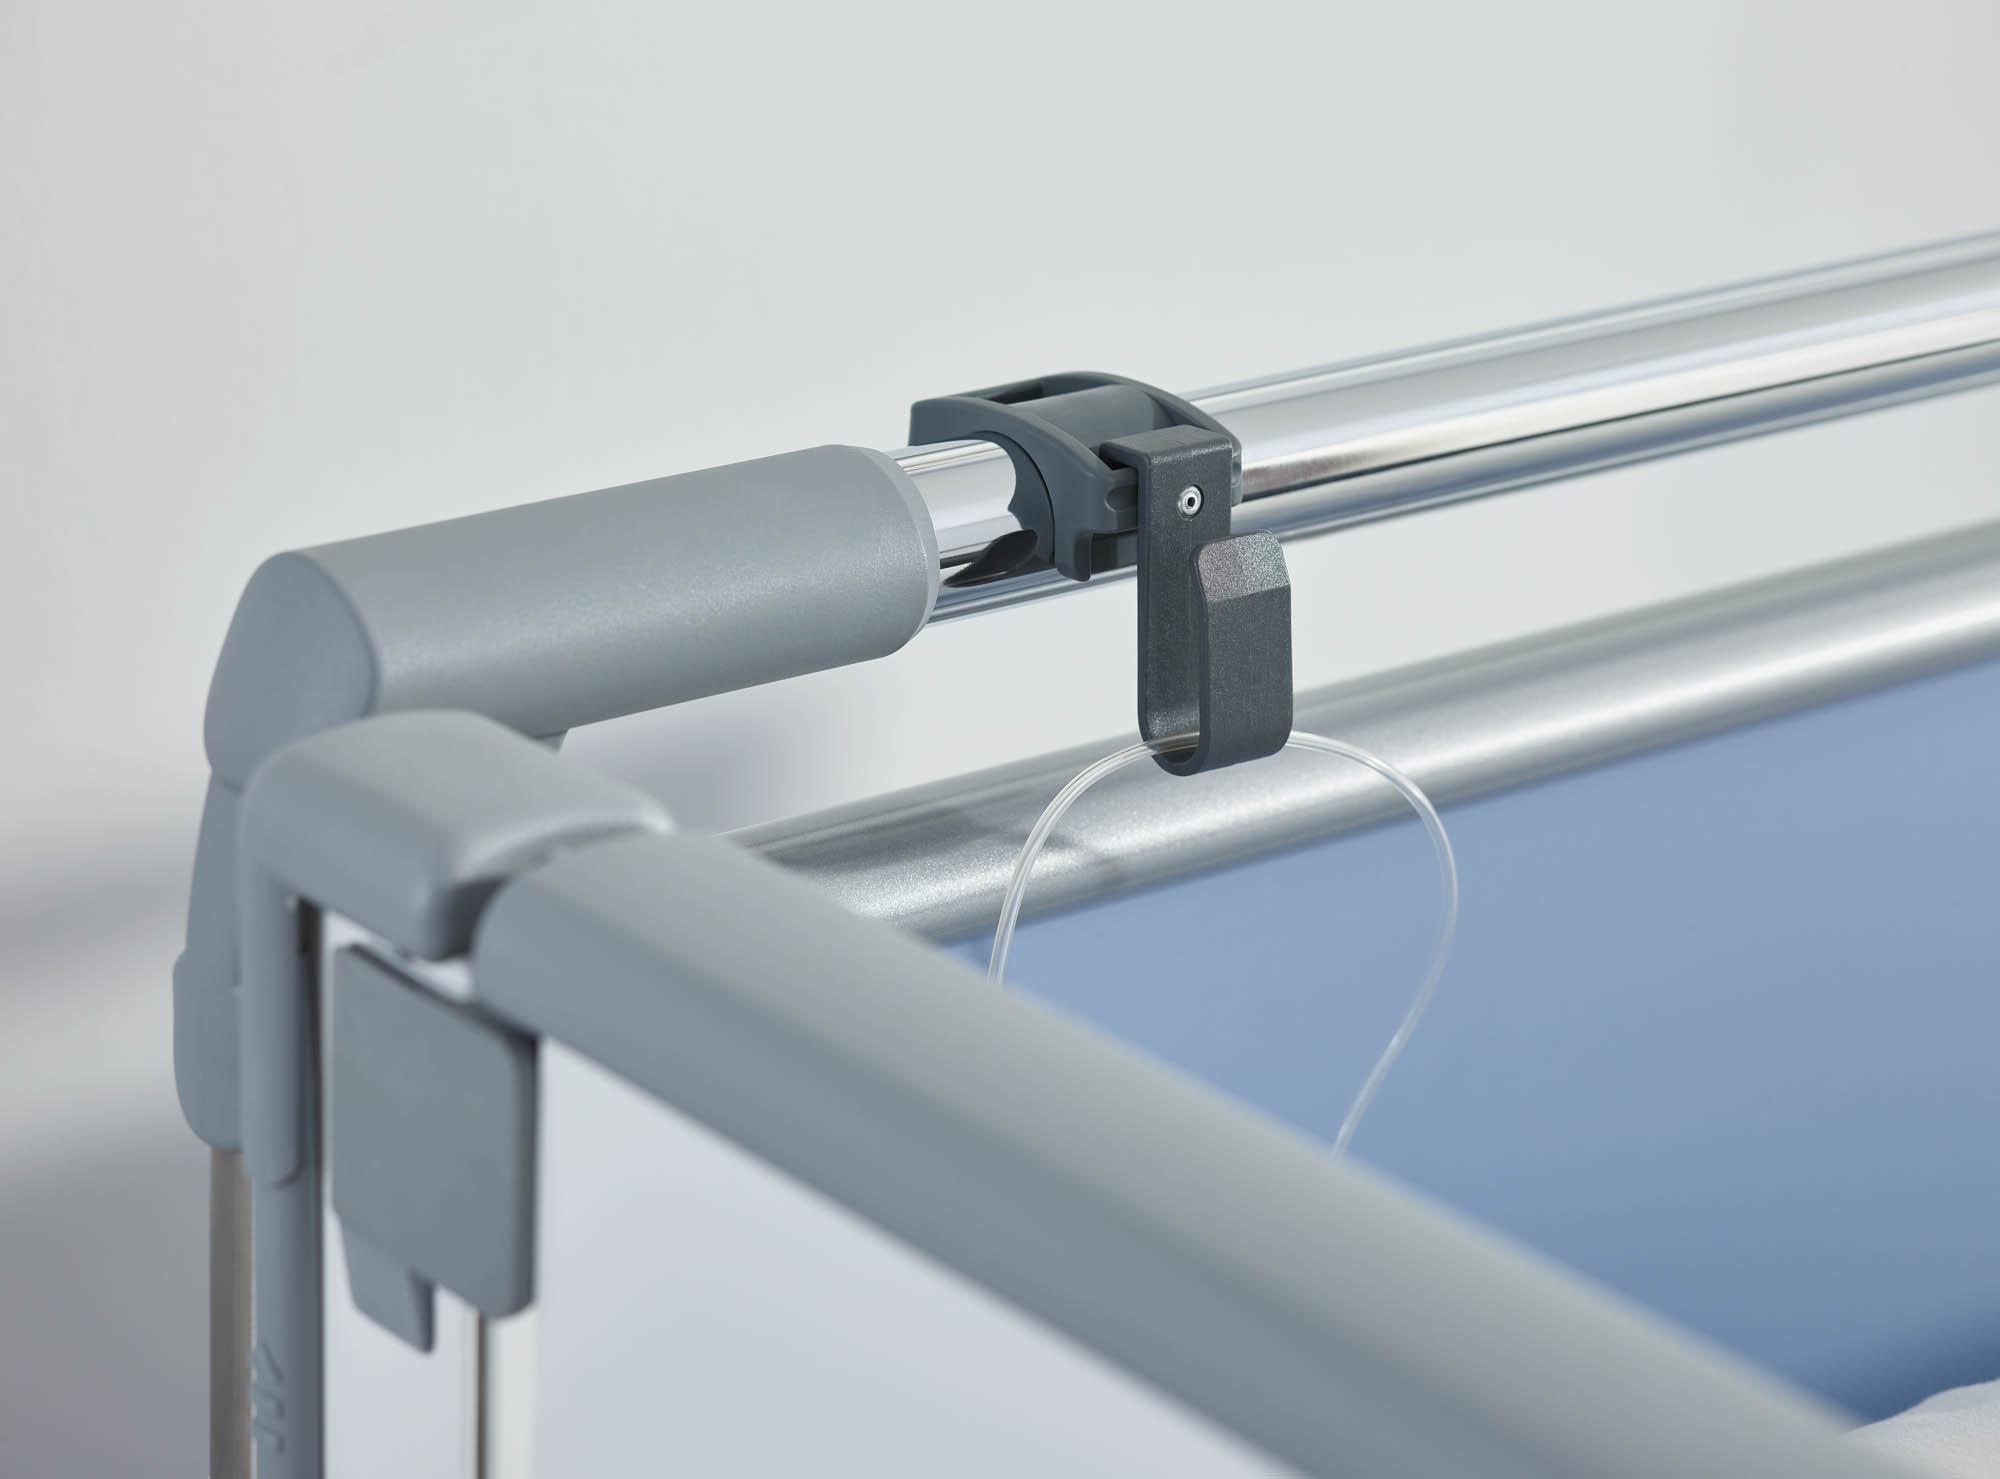 Der Drainageschlauchhalter lässt sich an den Griffleisten der Kopf- und Fußteile befestigen.